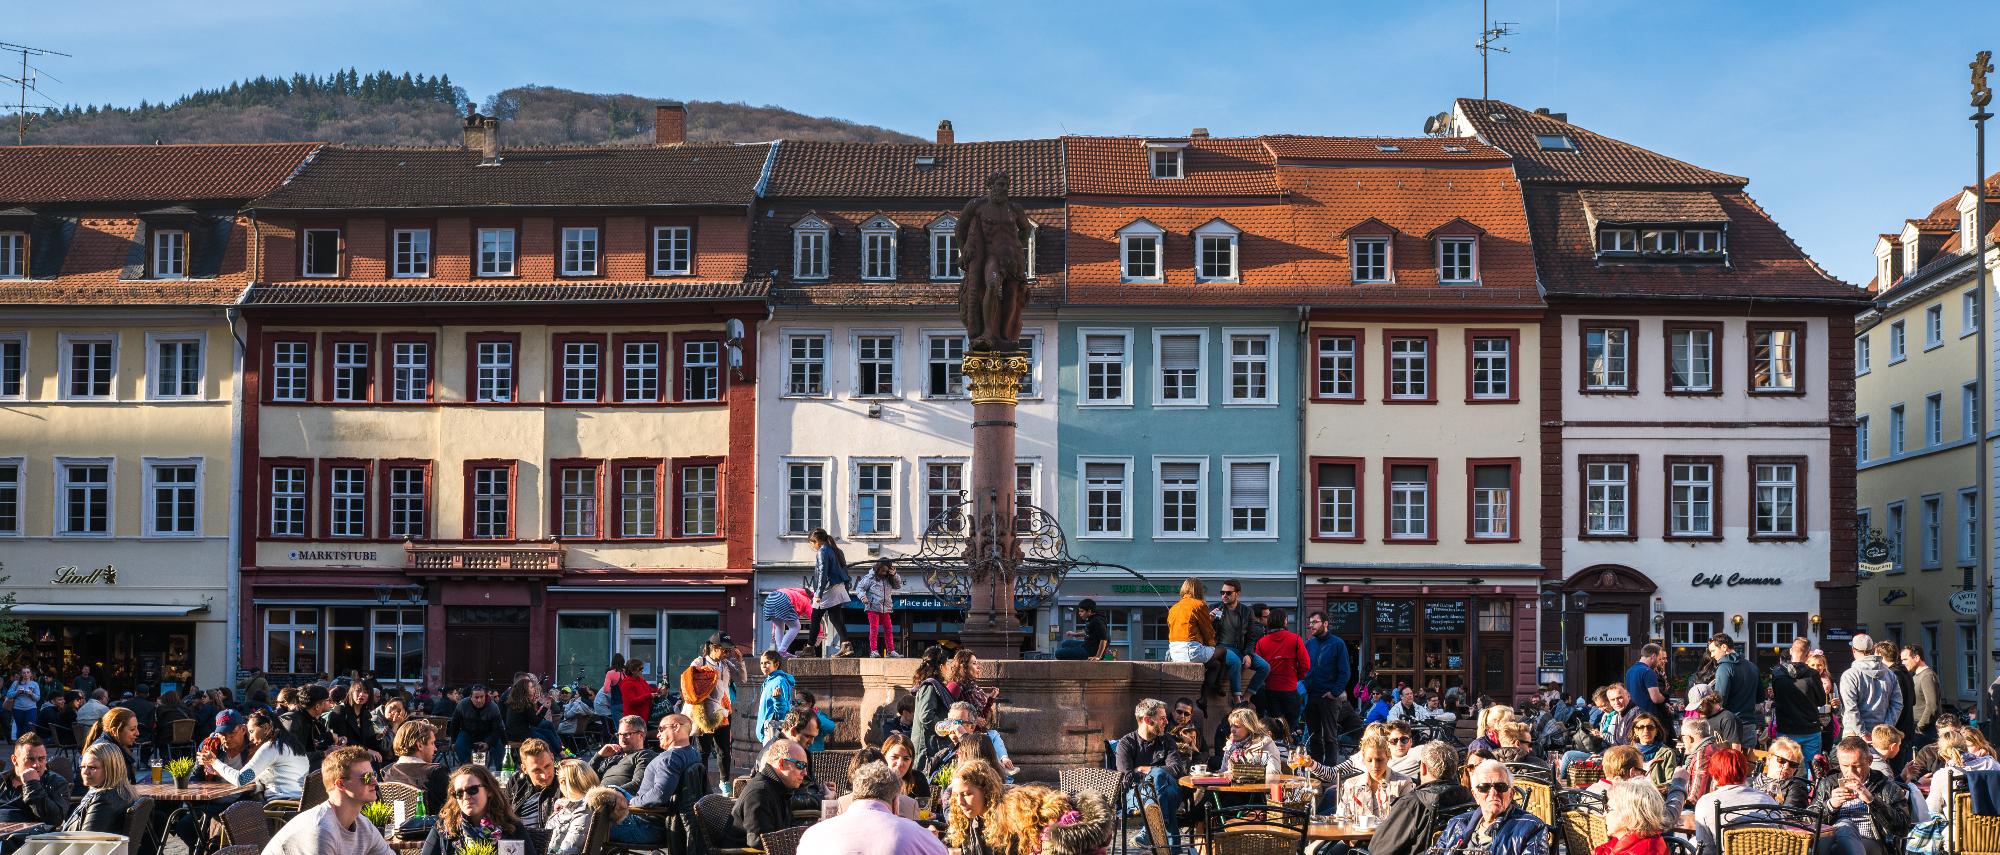 Hier pulsiert das Leben: Der Marktplatz vor dem Heidelberger Rathaus